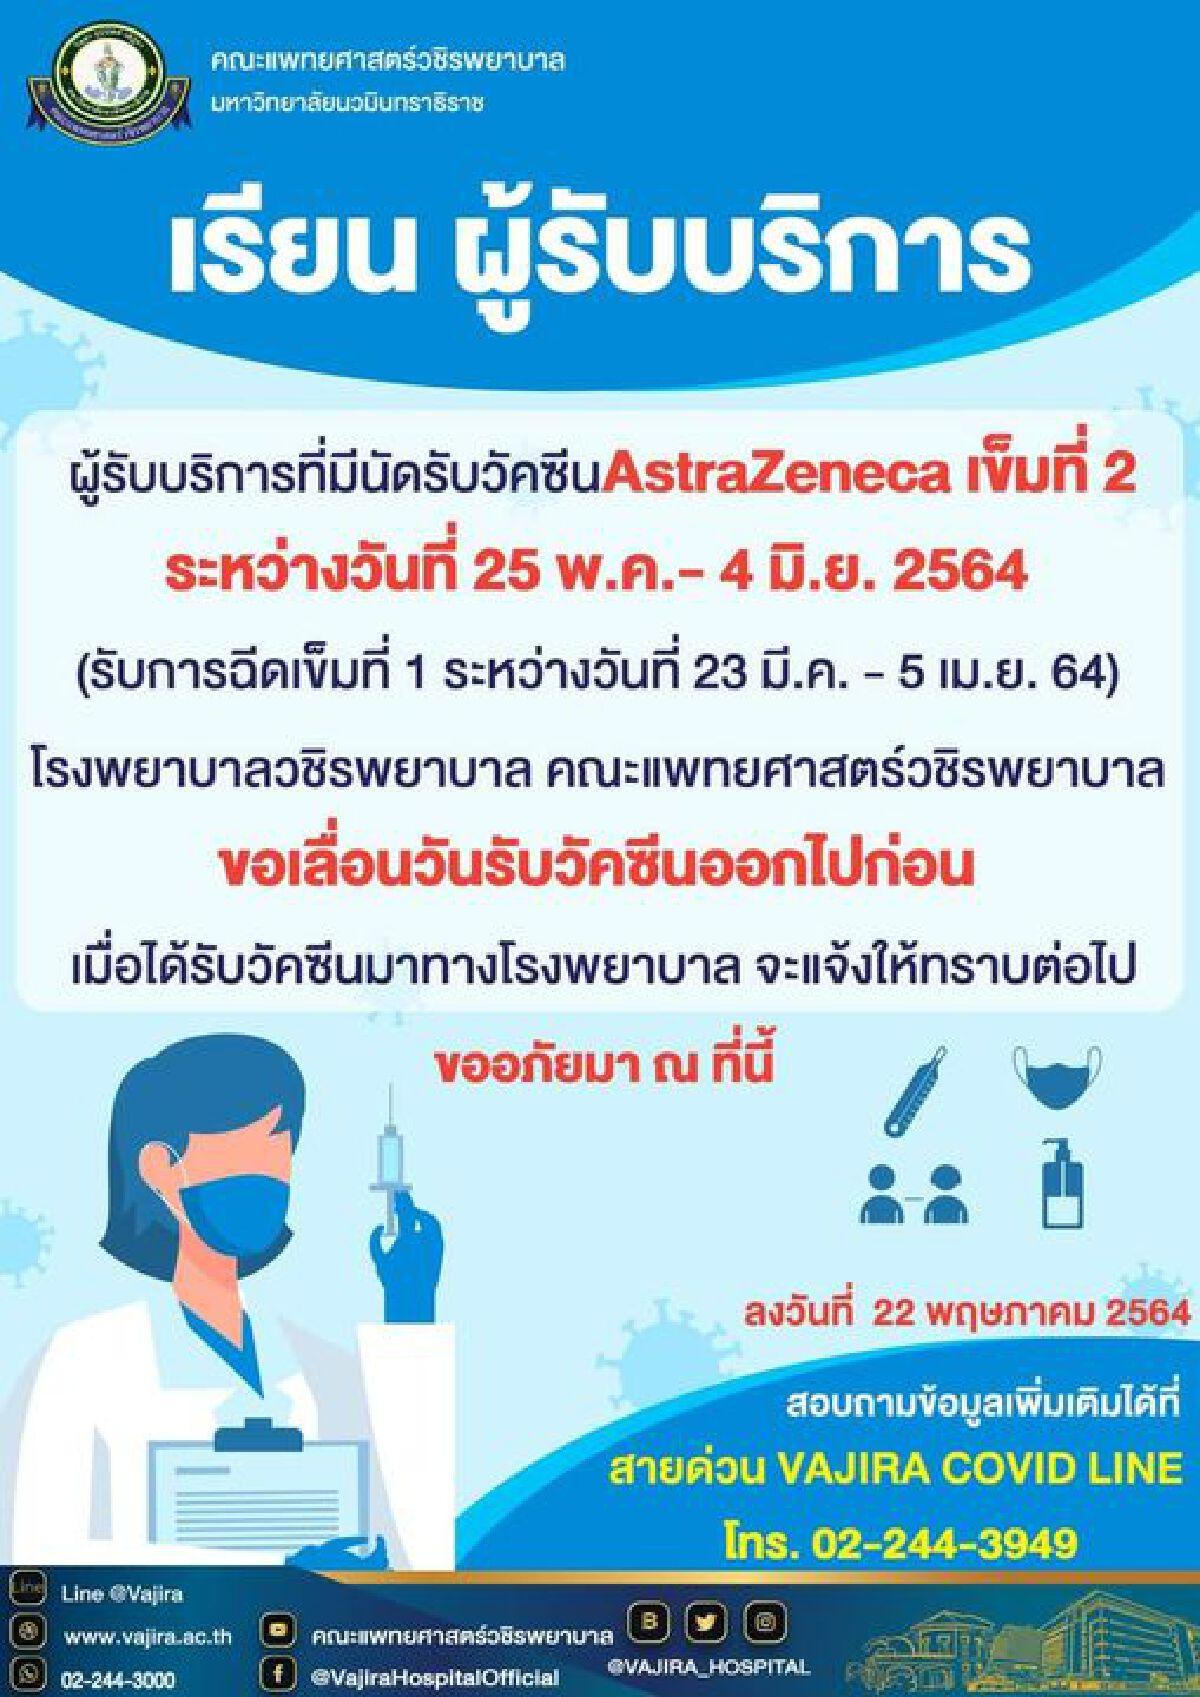 """วชิรพยาบาล แจ้งเลื่อนนัดฉีดวัคซีนโควิด """"แอสตร้าเซนเนก้า"""" เข็มที่ 2"""